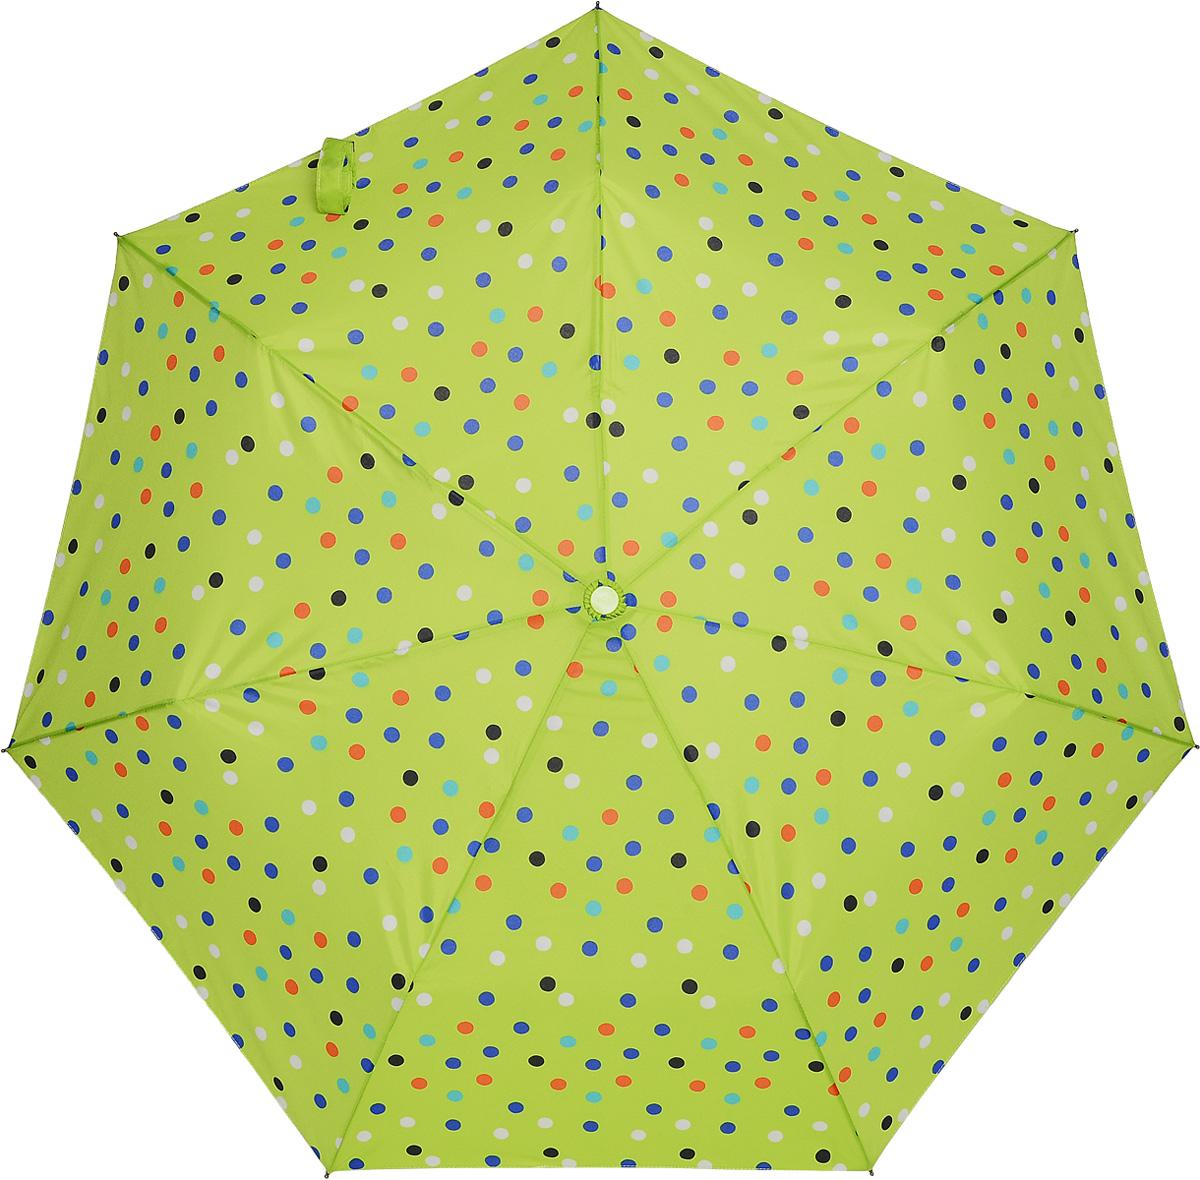 C-Collection 548-3 Зонт полный автом. 3 сл. жен.548-3Зонт испанского производителя Clima. В производстве зонтов используются современные материалы, что делает зонты легкими, но в то же время крепкими.Полный автомат, 3 сложения, 7 спиц, полиэстер.